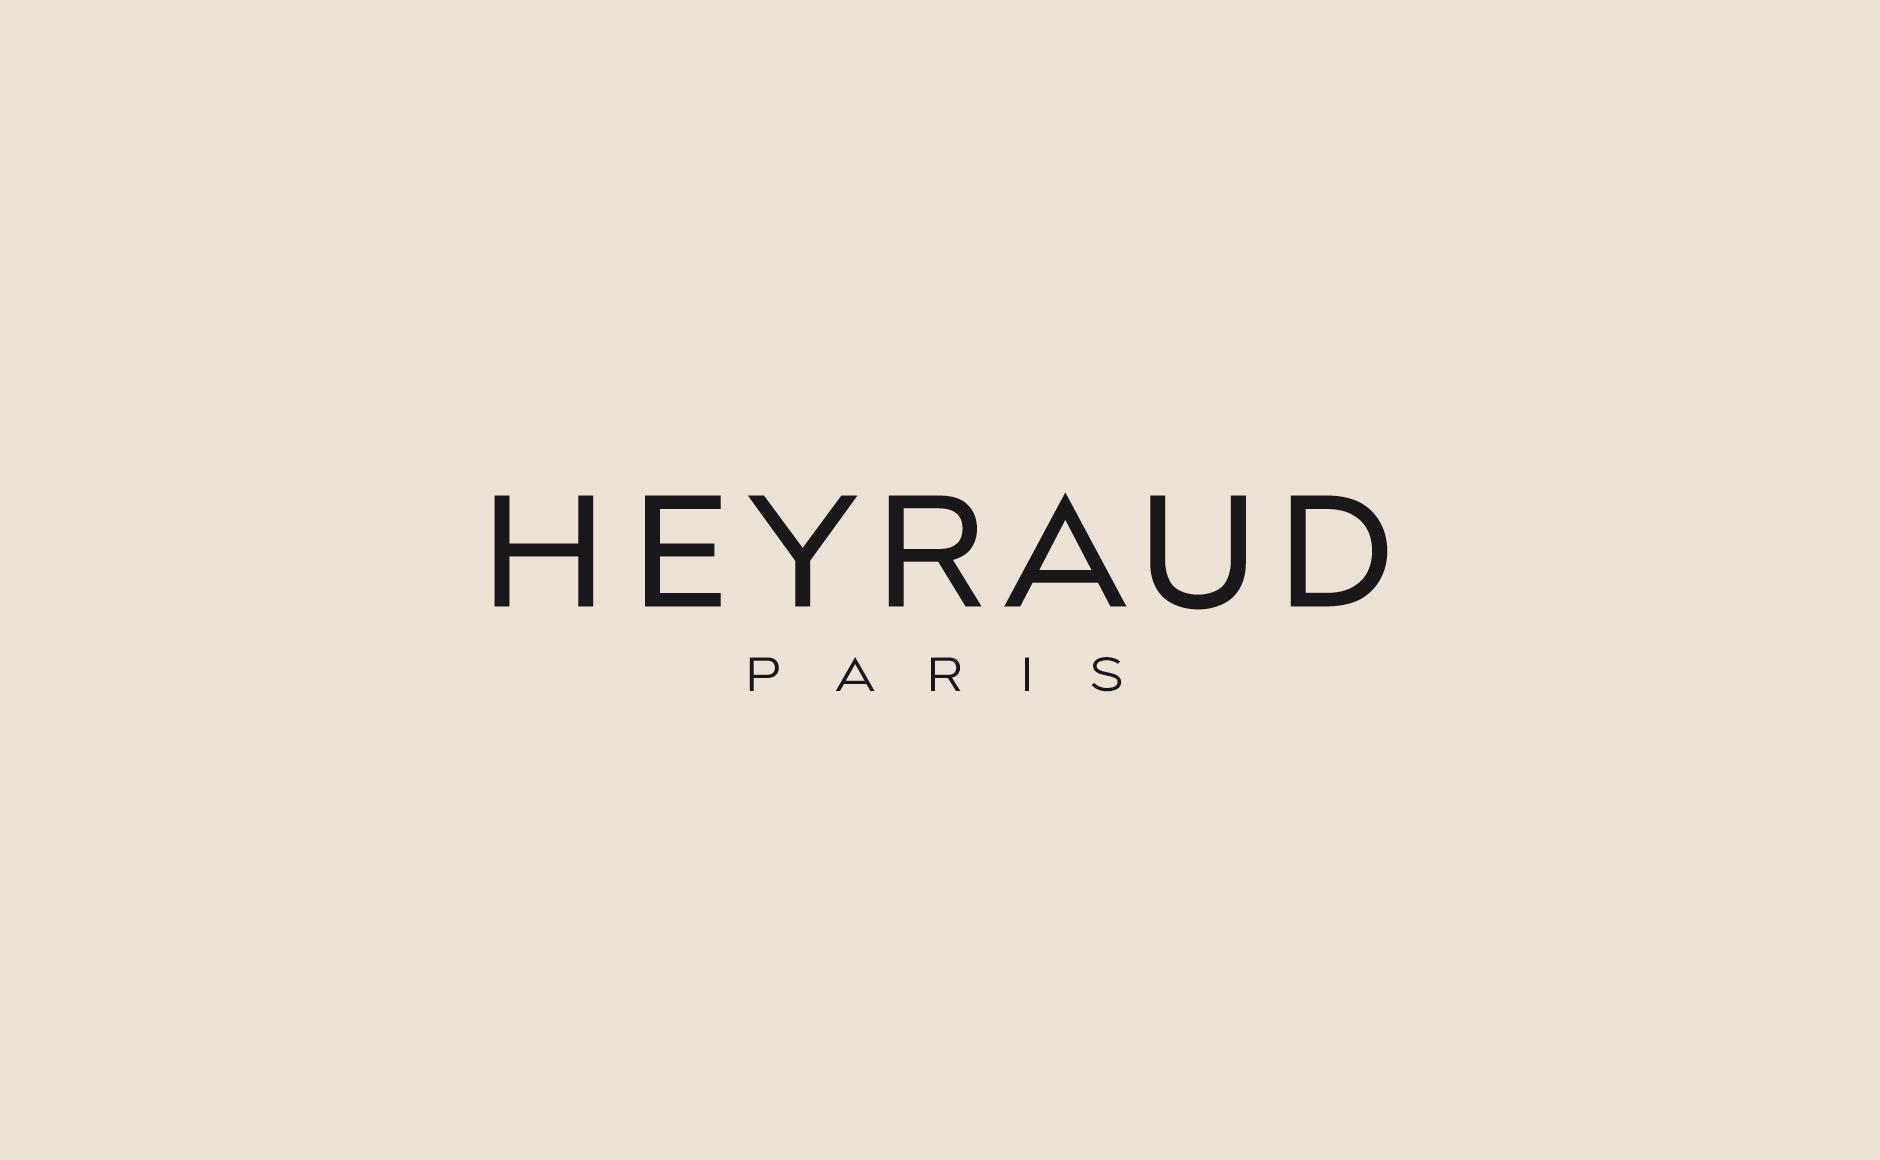 Heyraud Paris - Graphéine f9a1d13b40b8